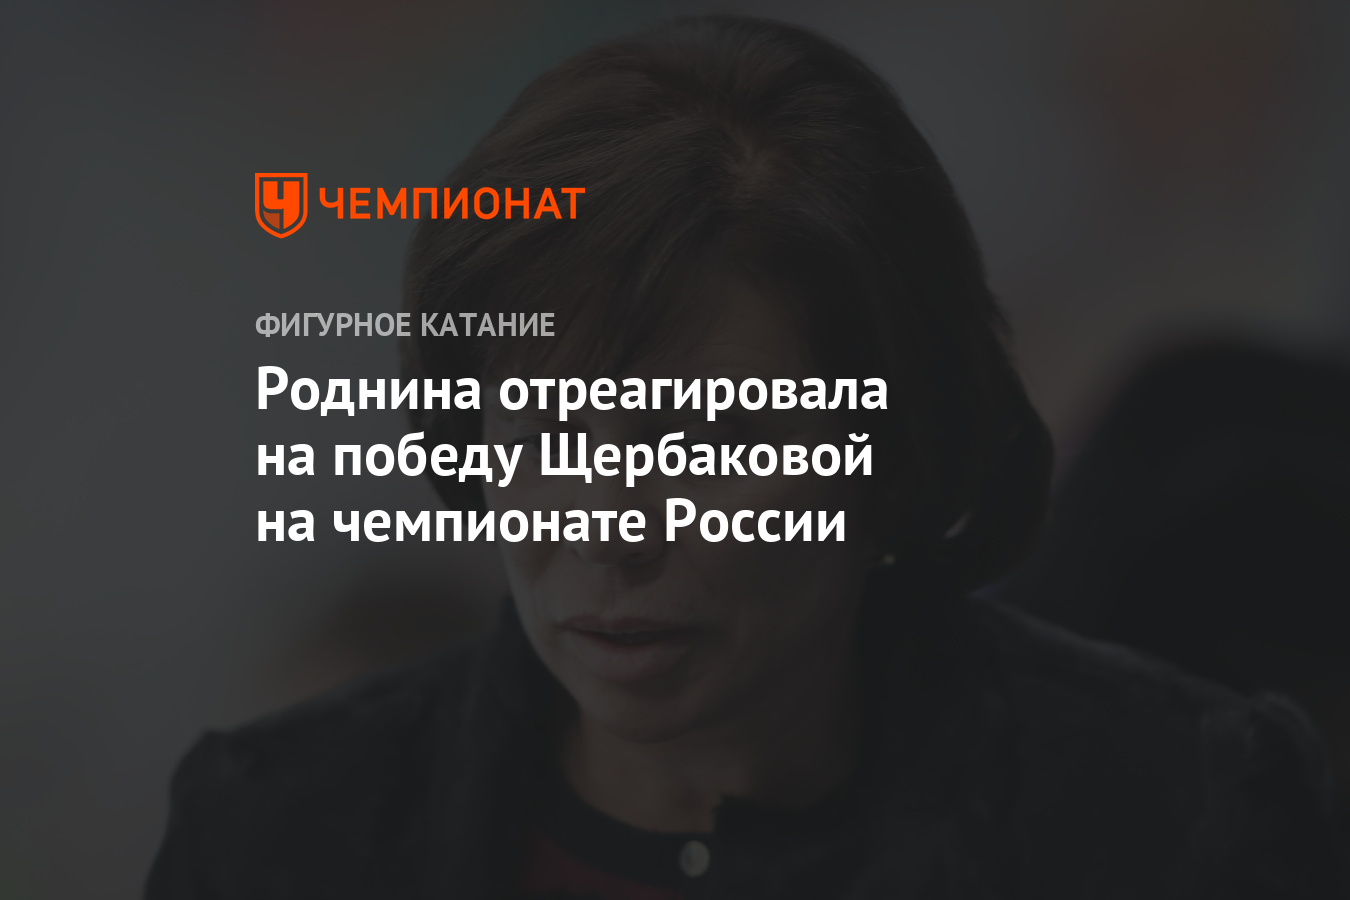 Роднина отреагировала на победу Щербаковой на чемпионате России